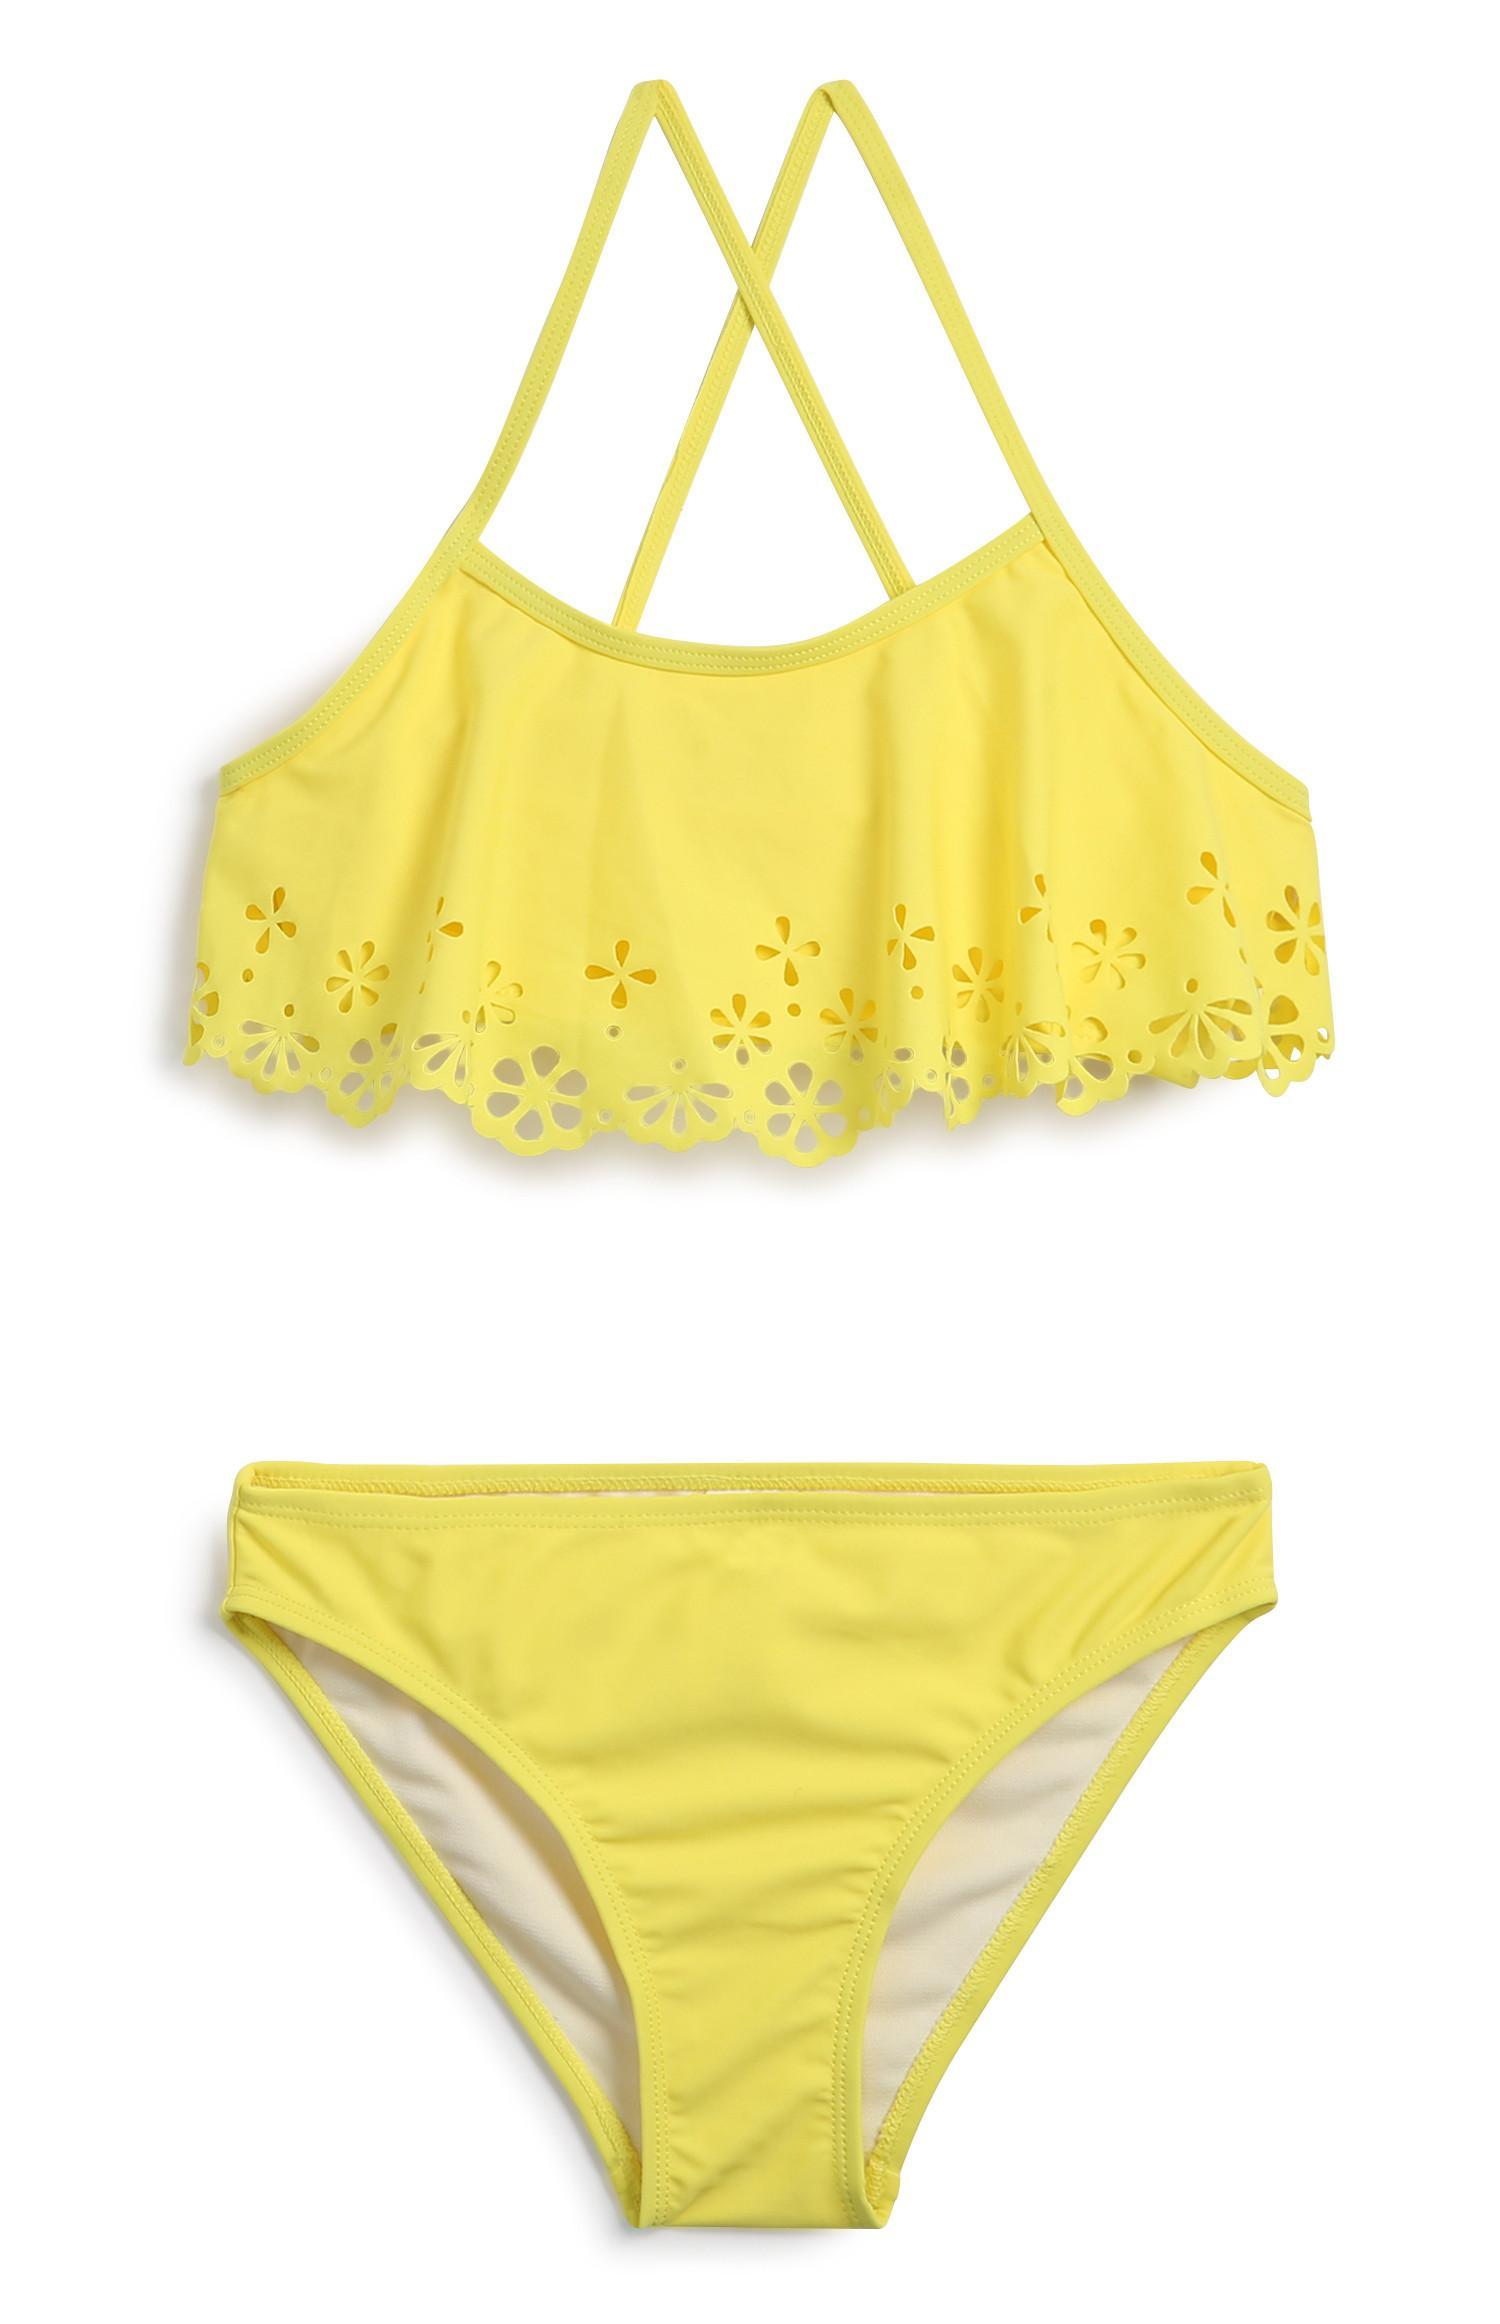 Older Girl Yellow Bikini